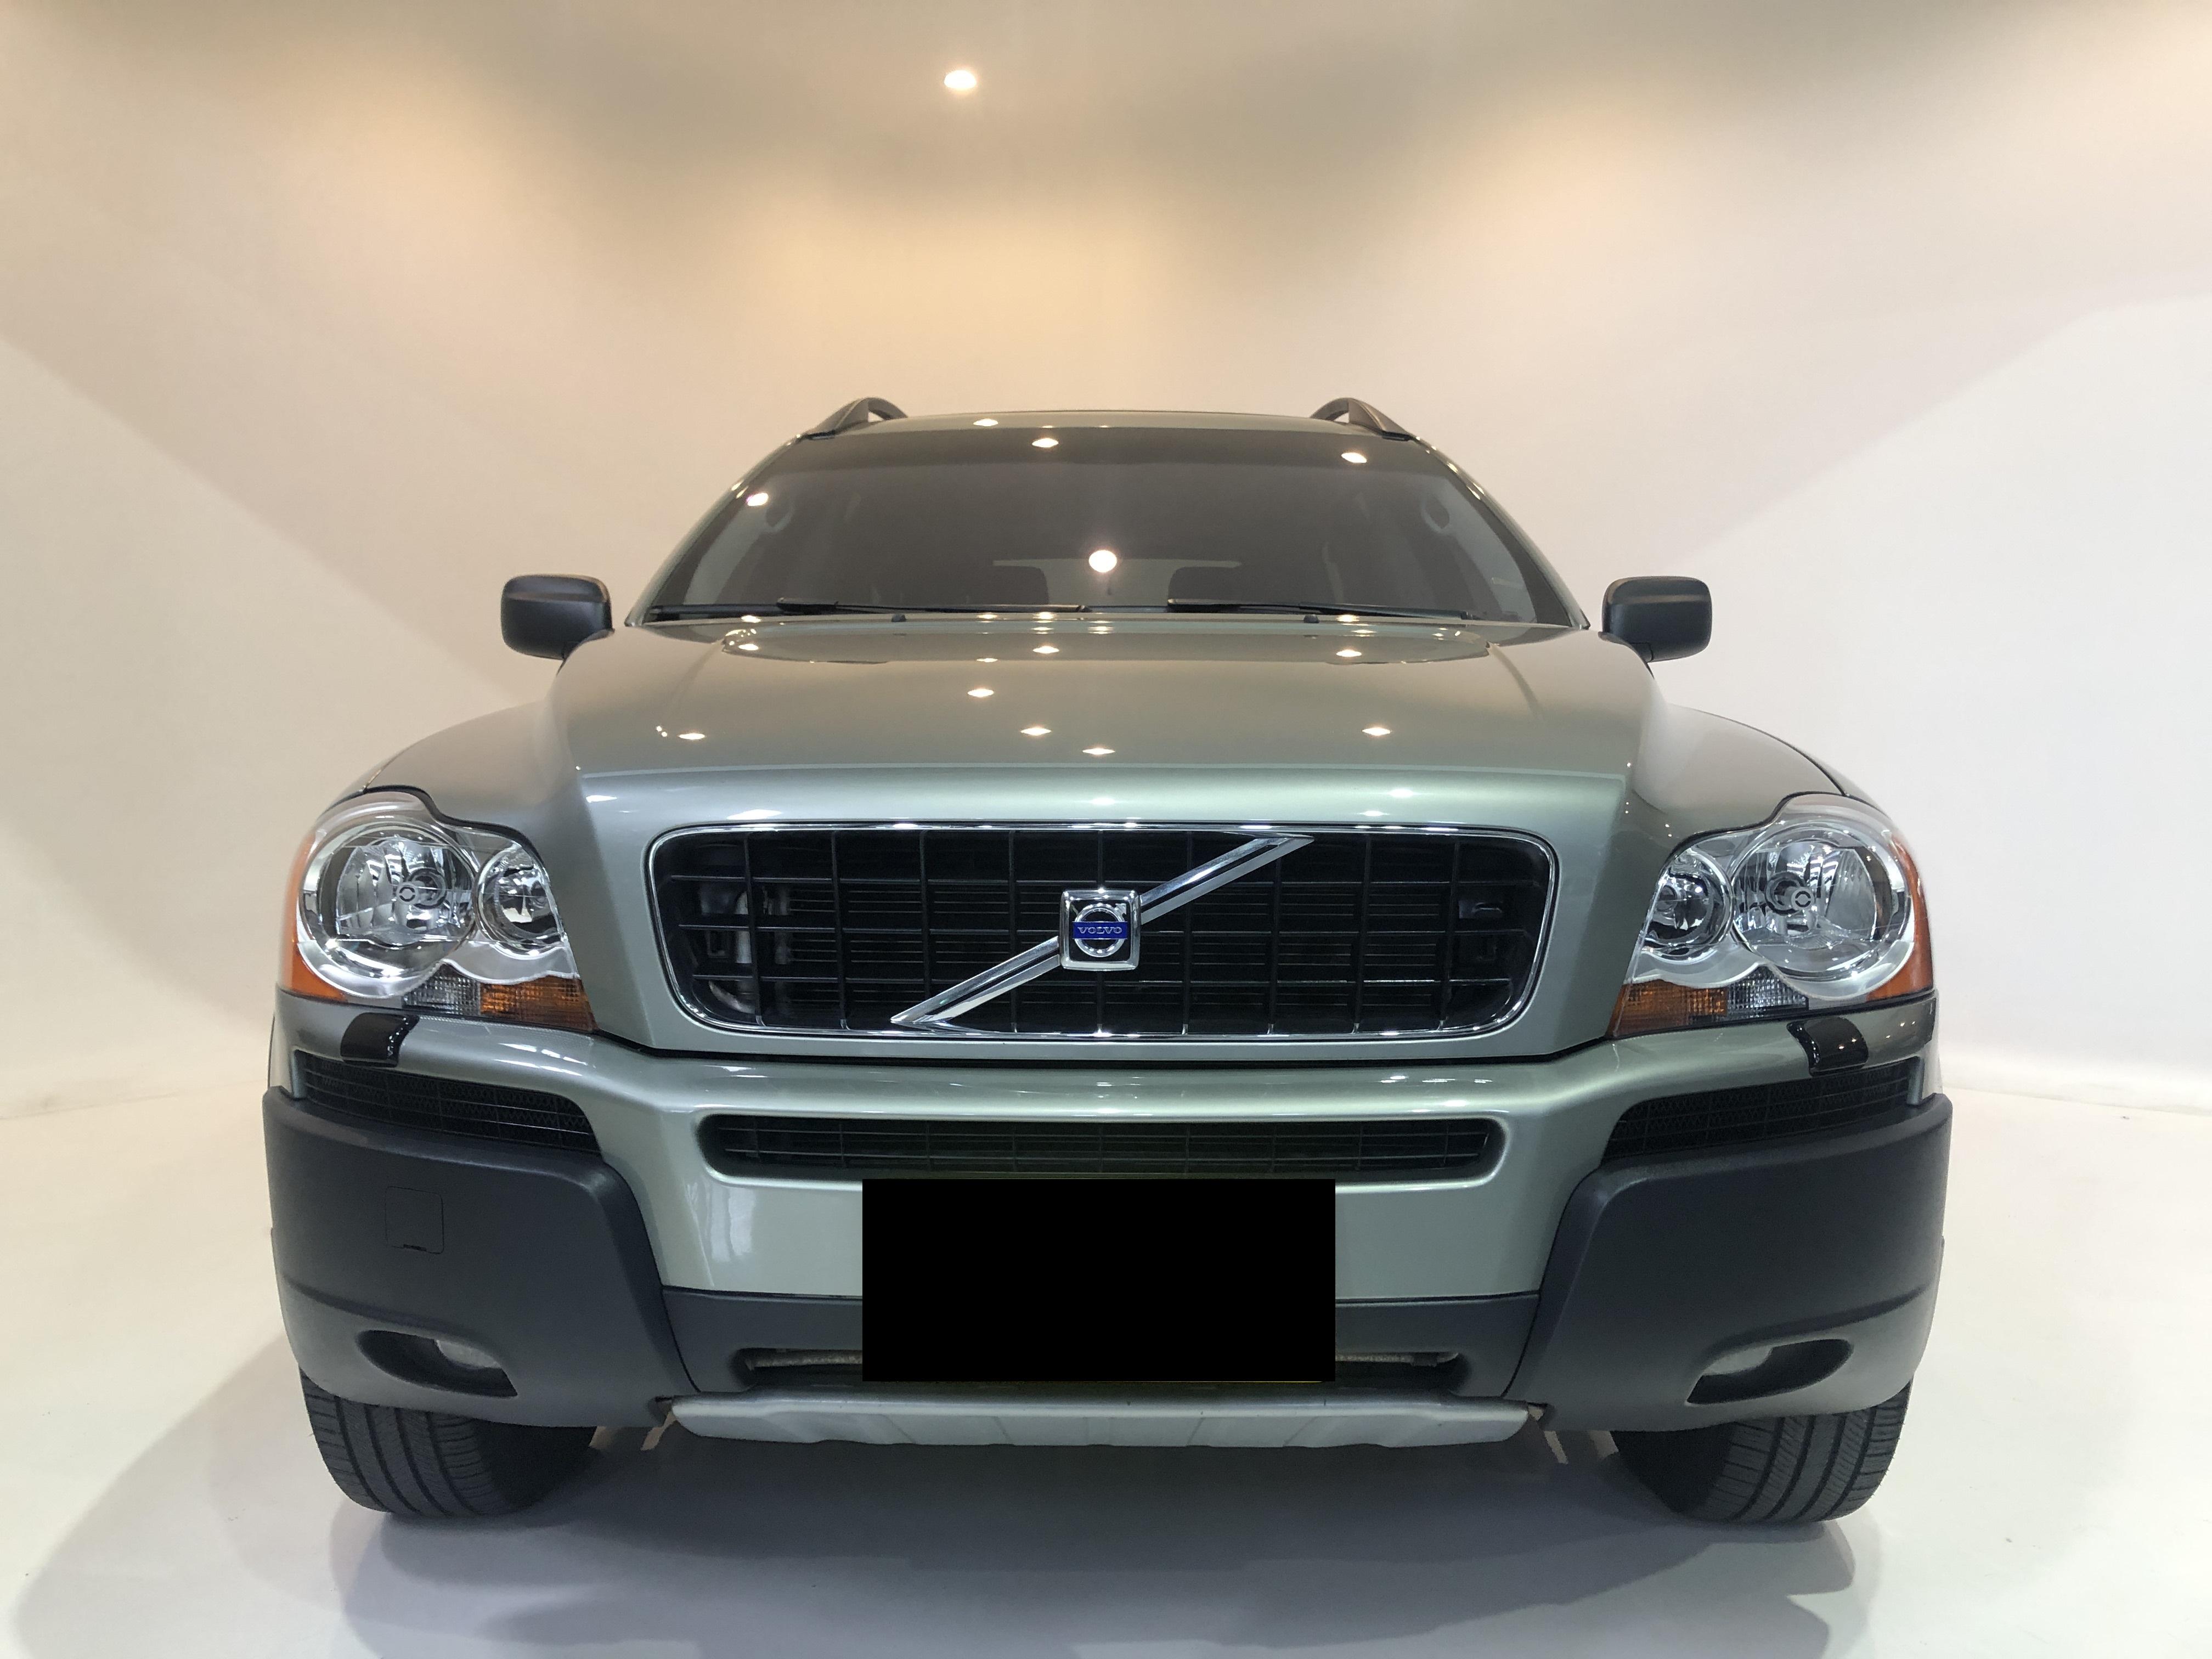 2006 Volvo 富豪 Xc90